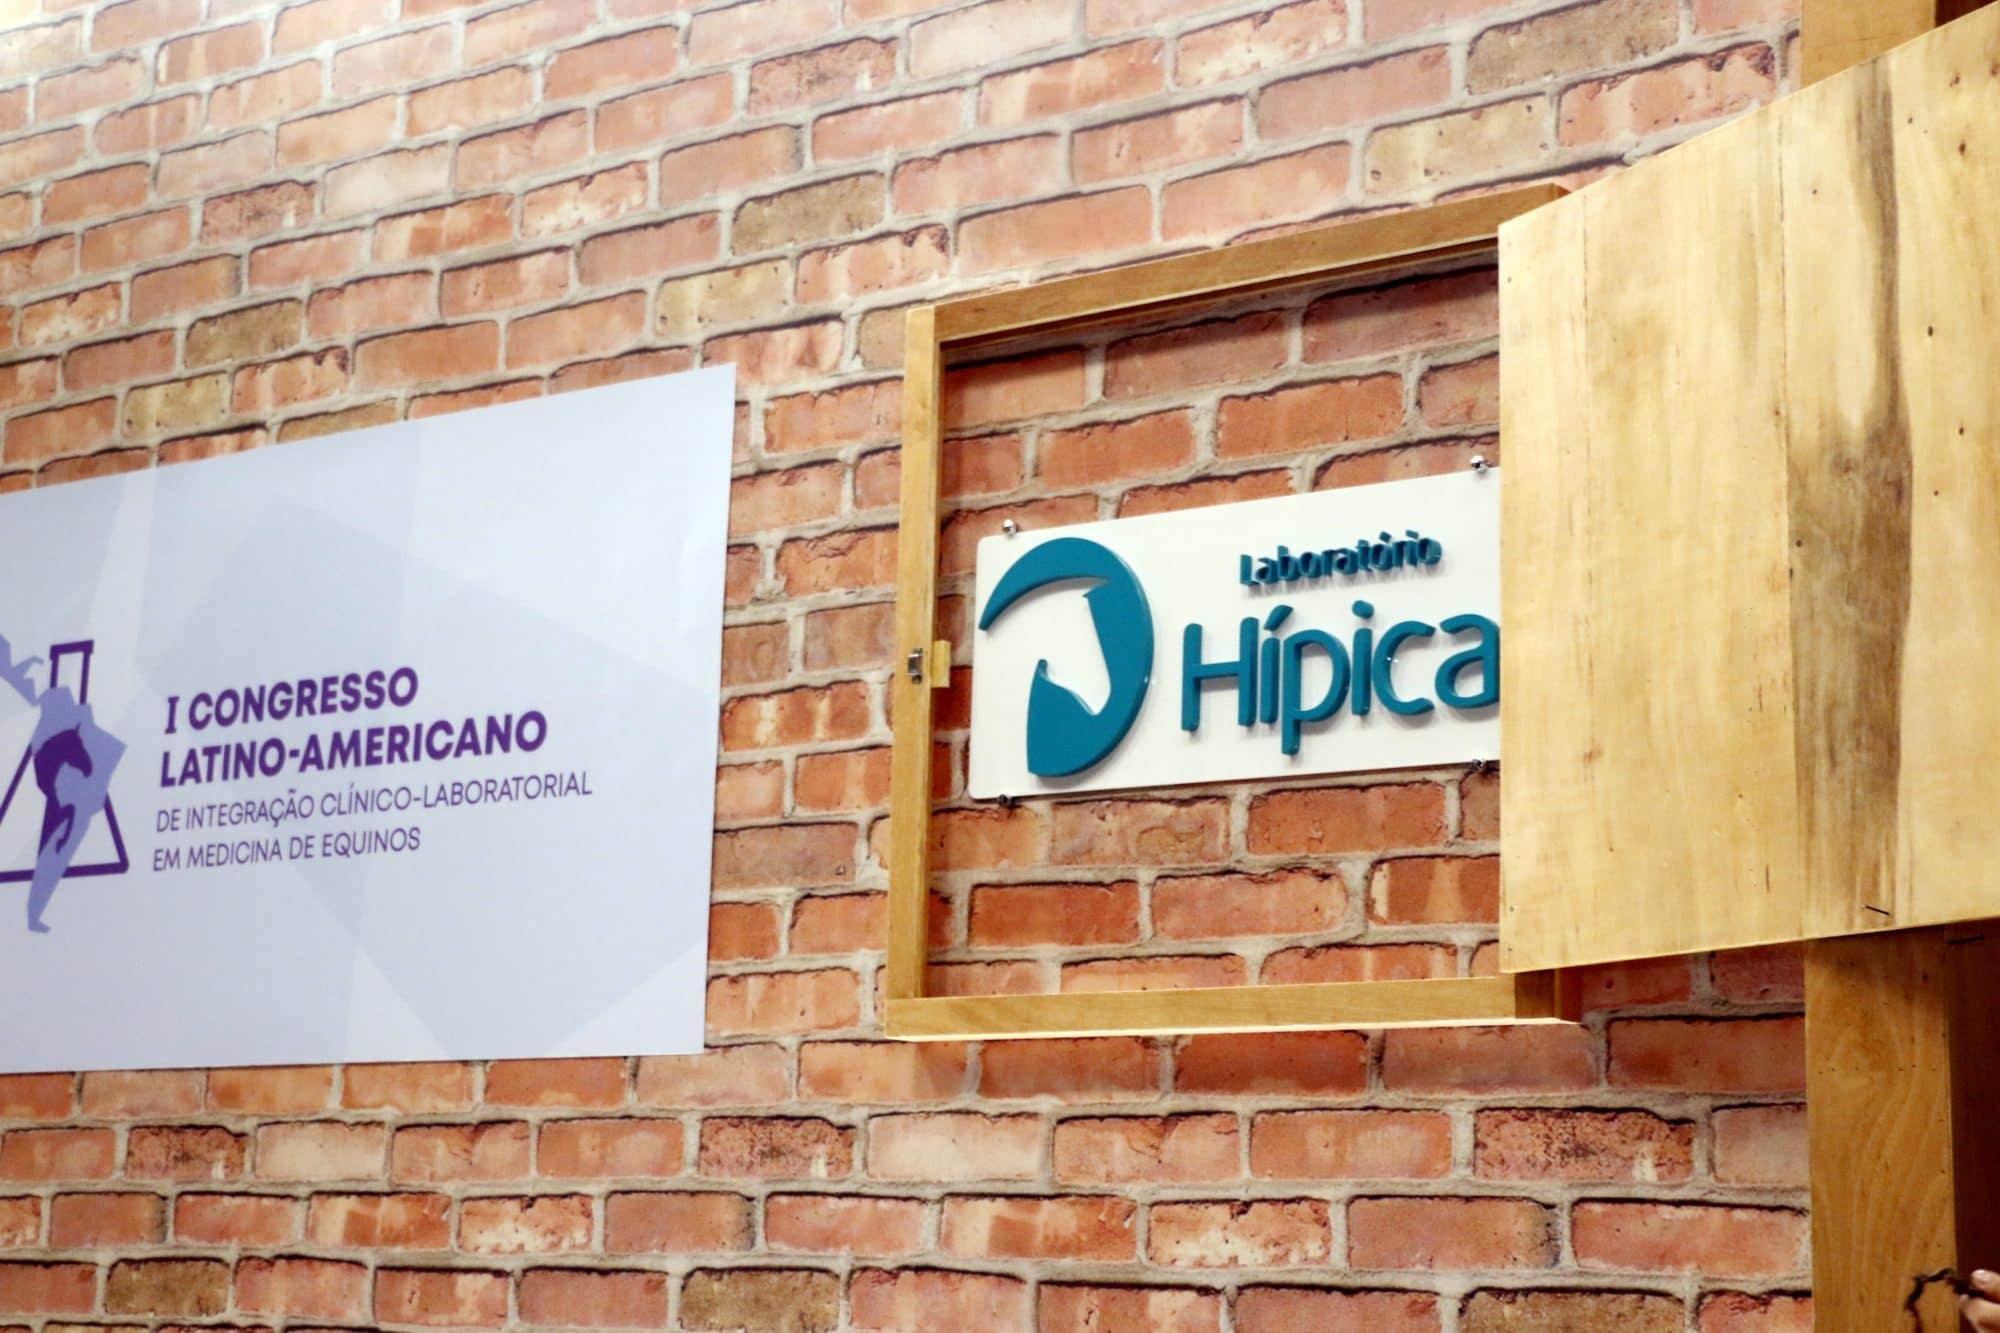 Congresso latino-americano de integração clínico-laboratorial em medicina de equinos